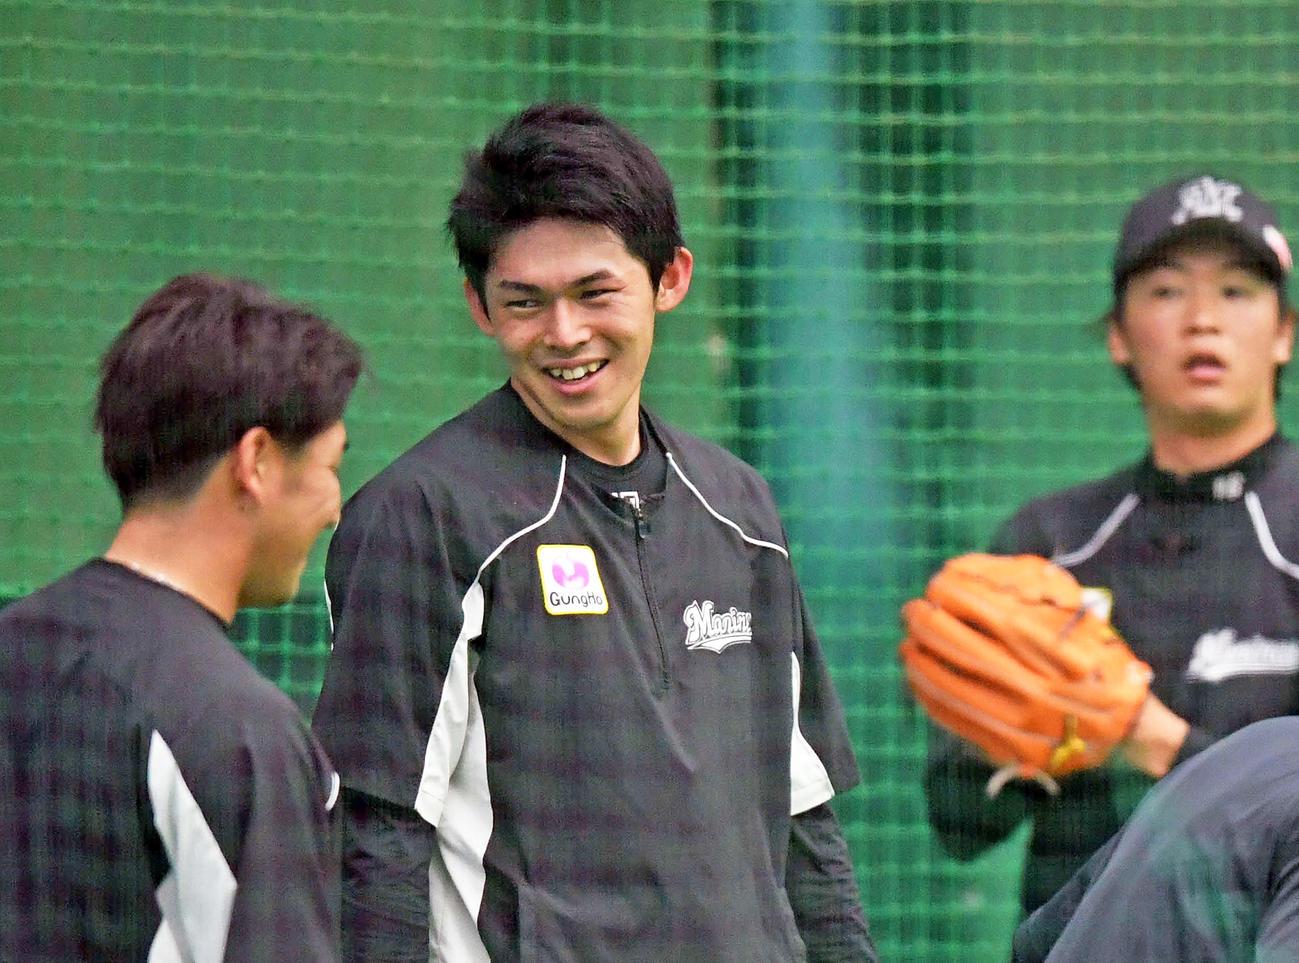 練習試合前の練習で笑顔を見せるロッテ佐々木朗希(中央)(撮影・鈴木みどり)